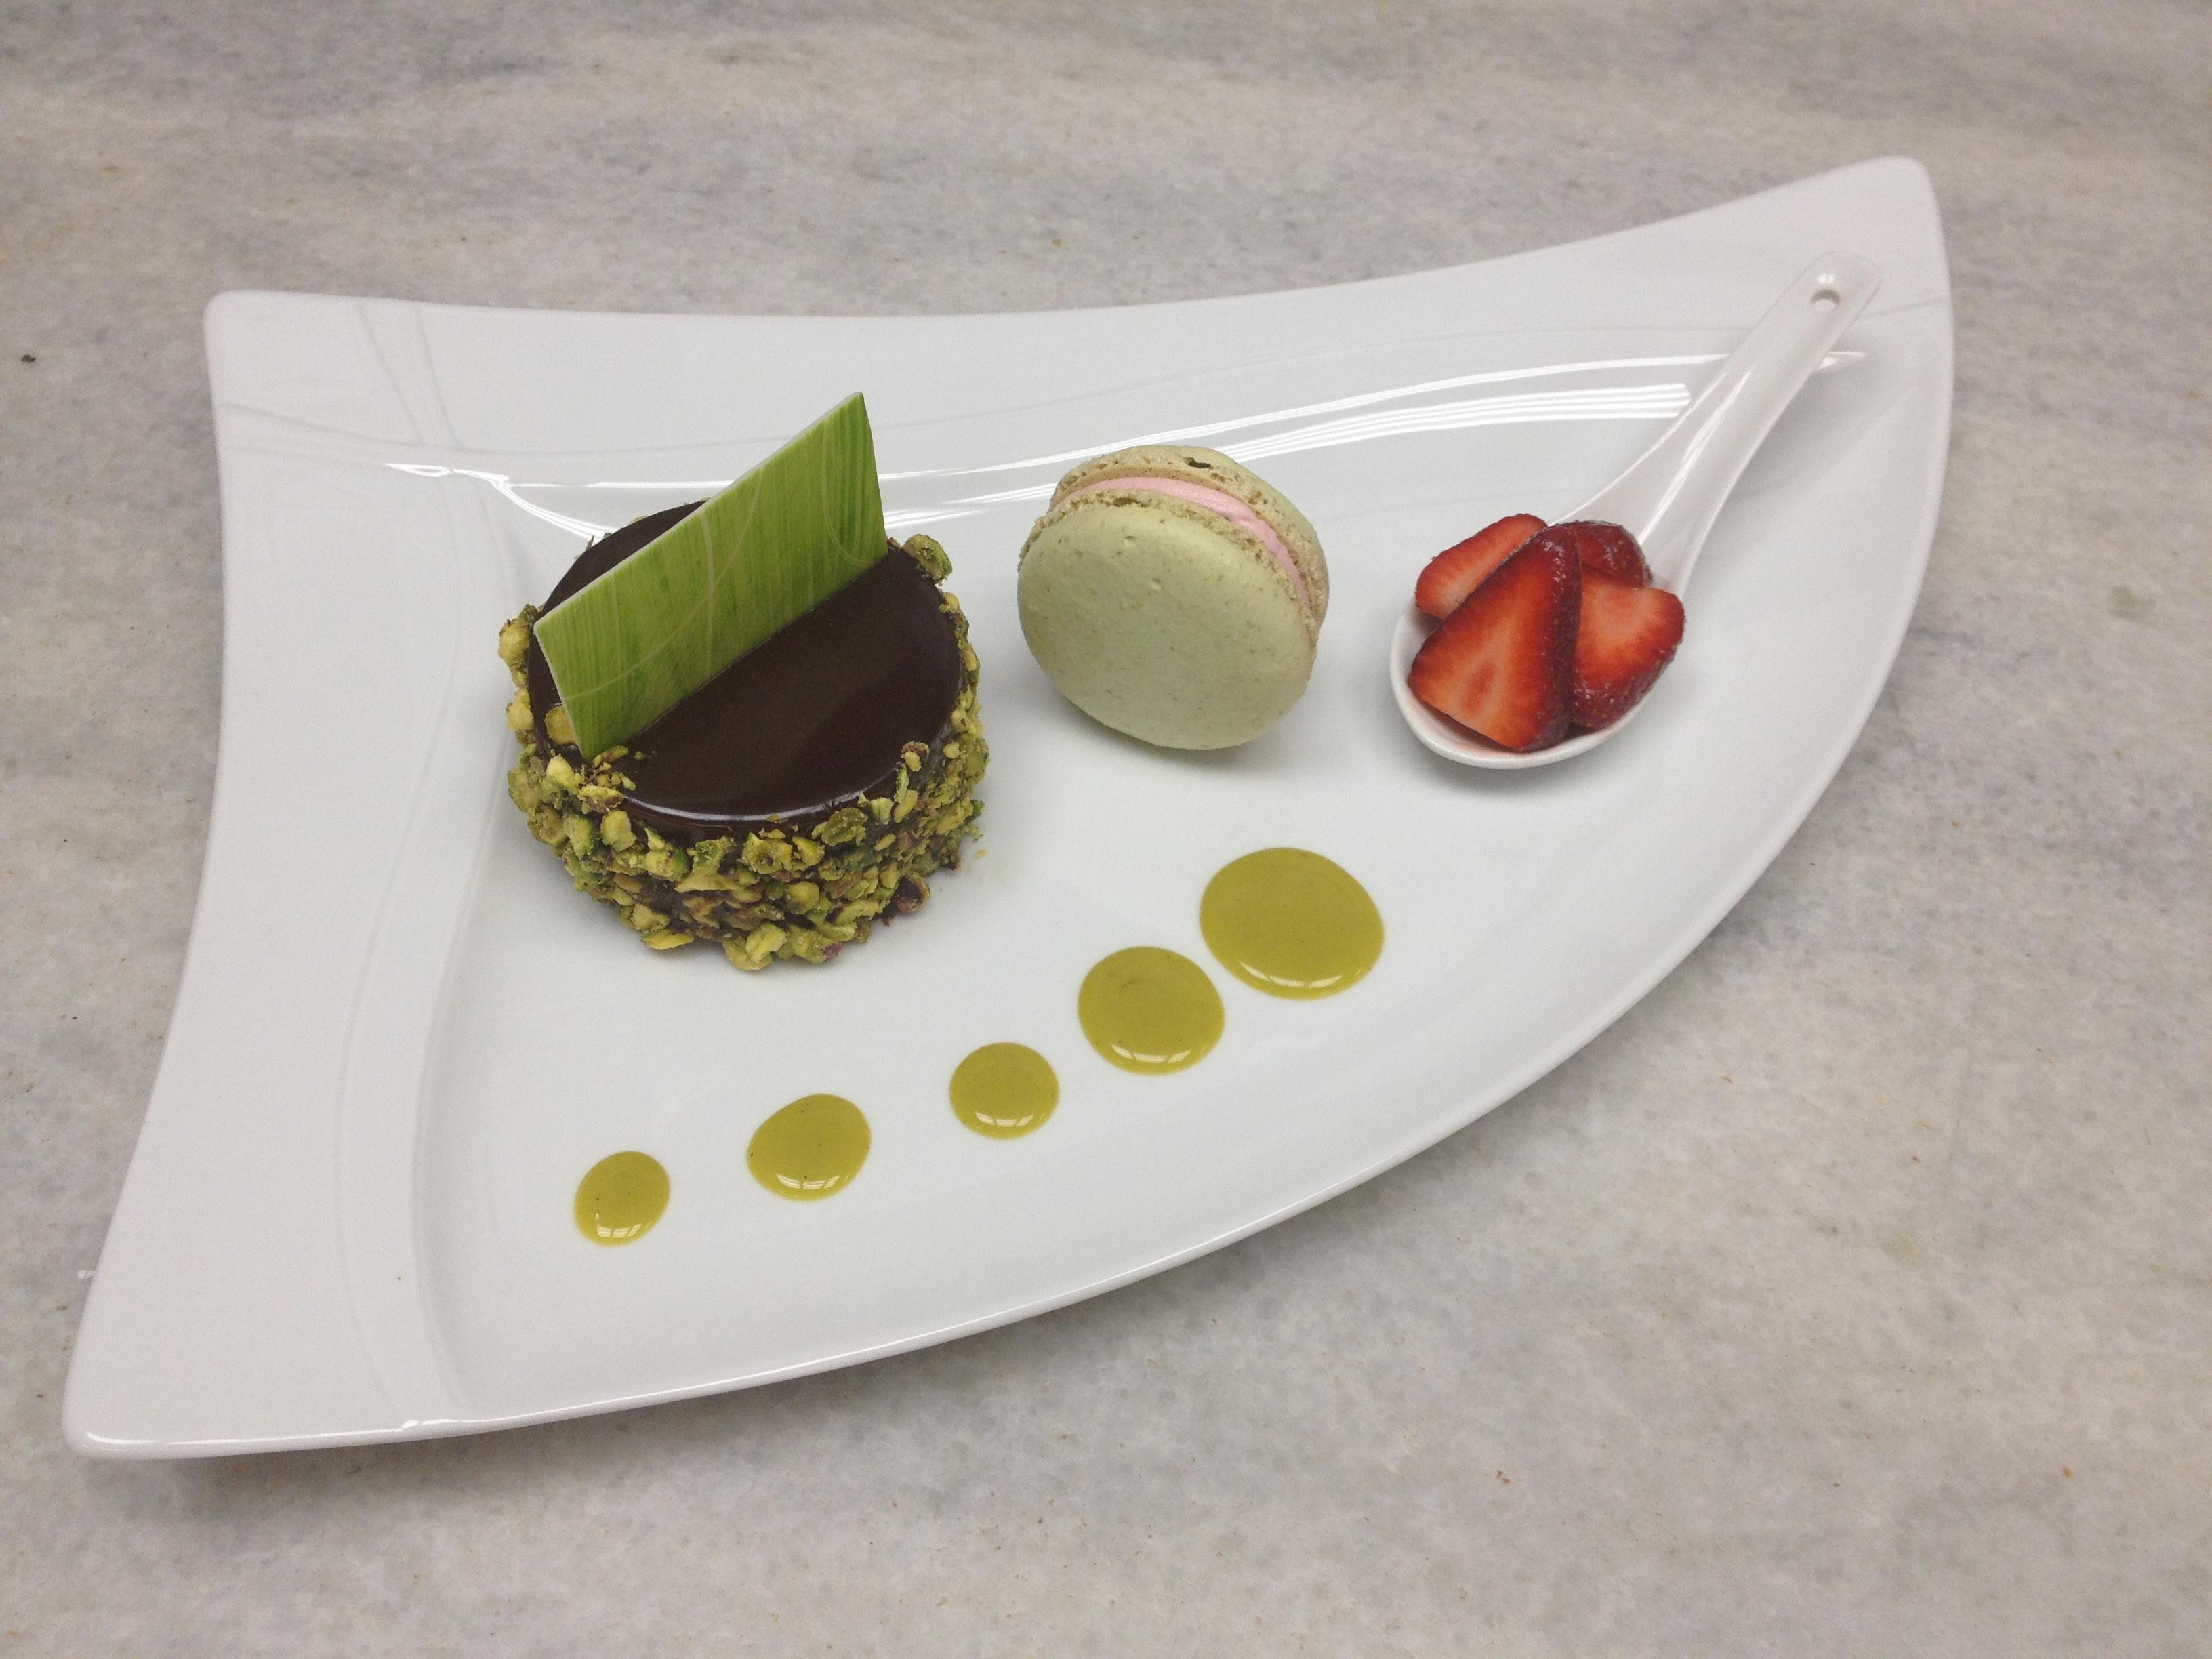 A Stunning Dessert Plate from Natasha Capper